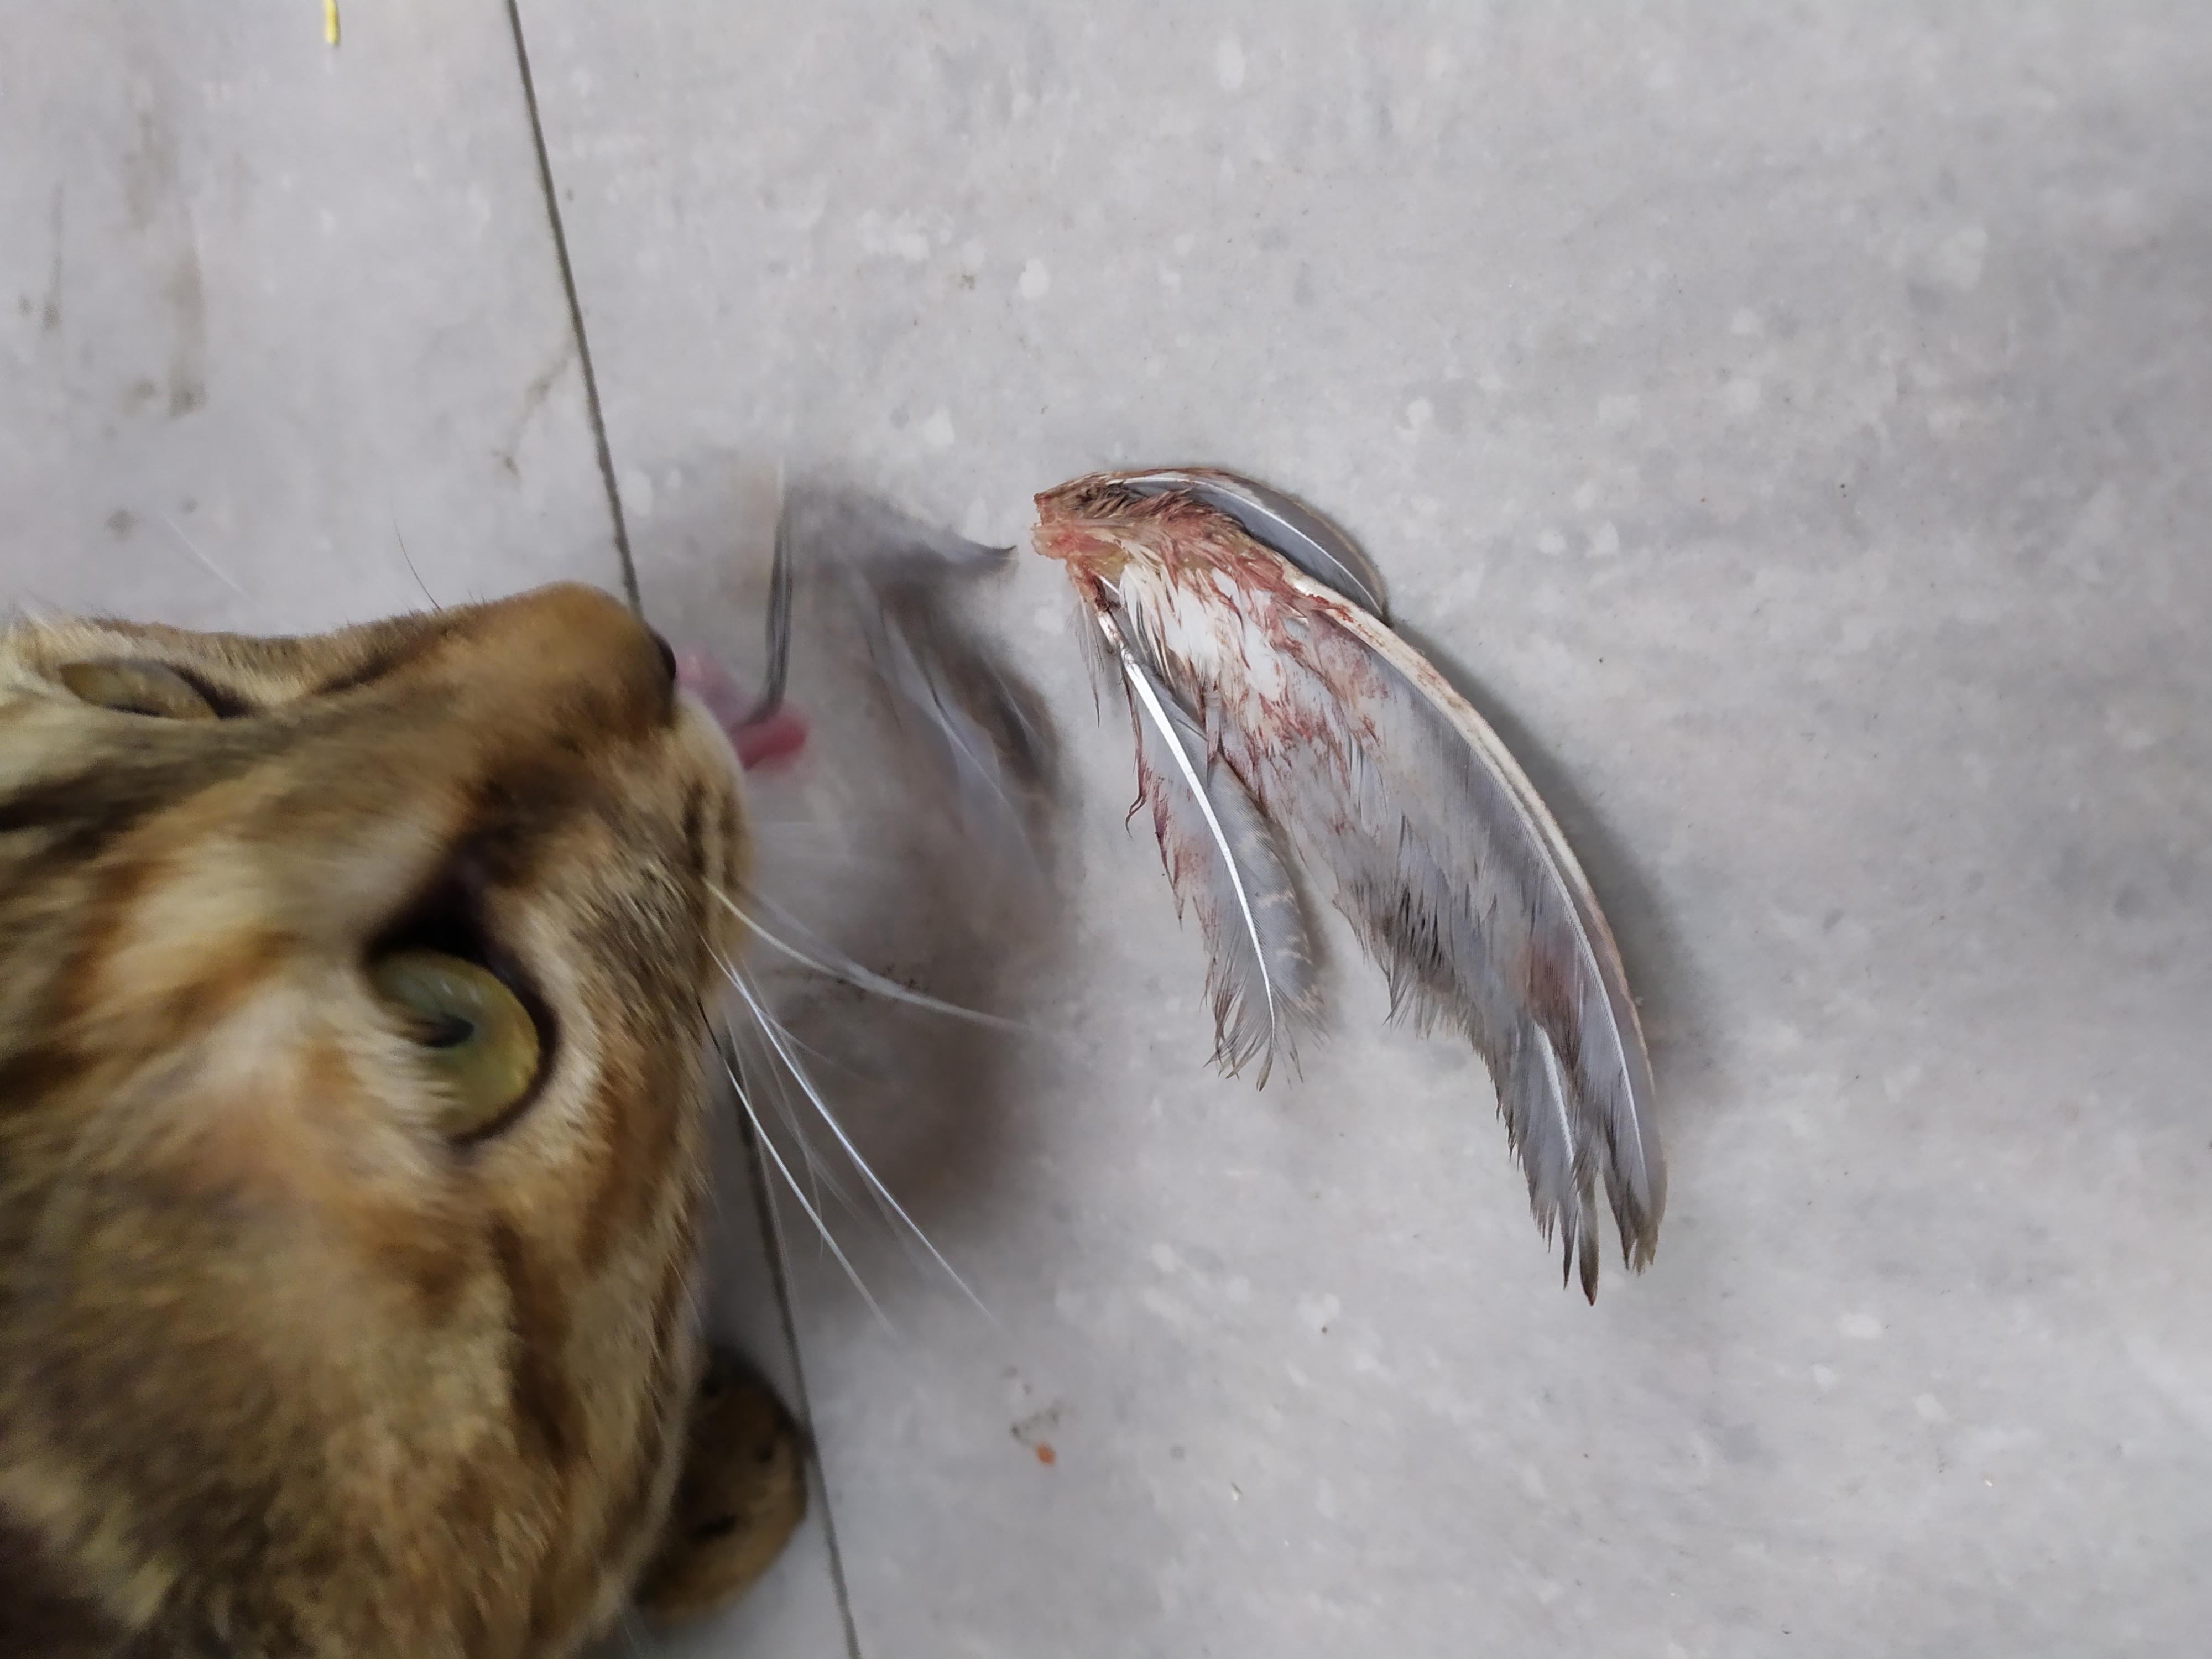 流浪猫捕食麻雀-张振伟.jpg